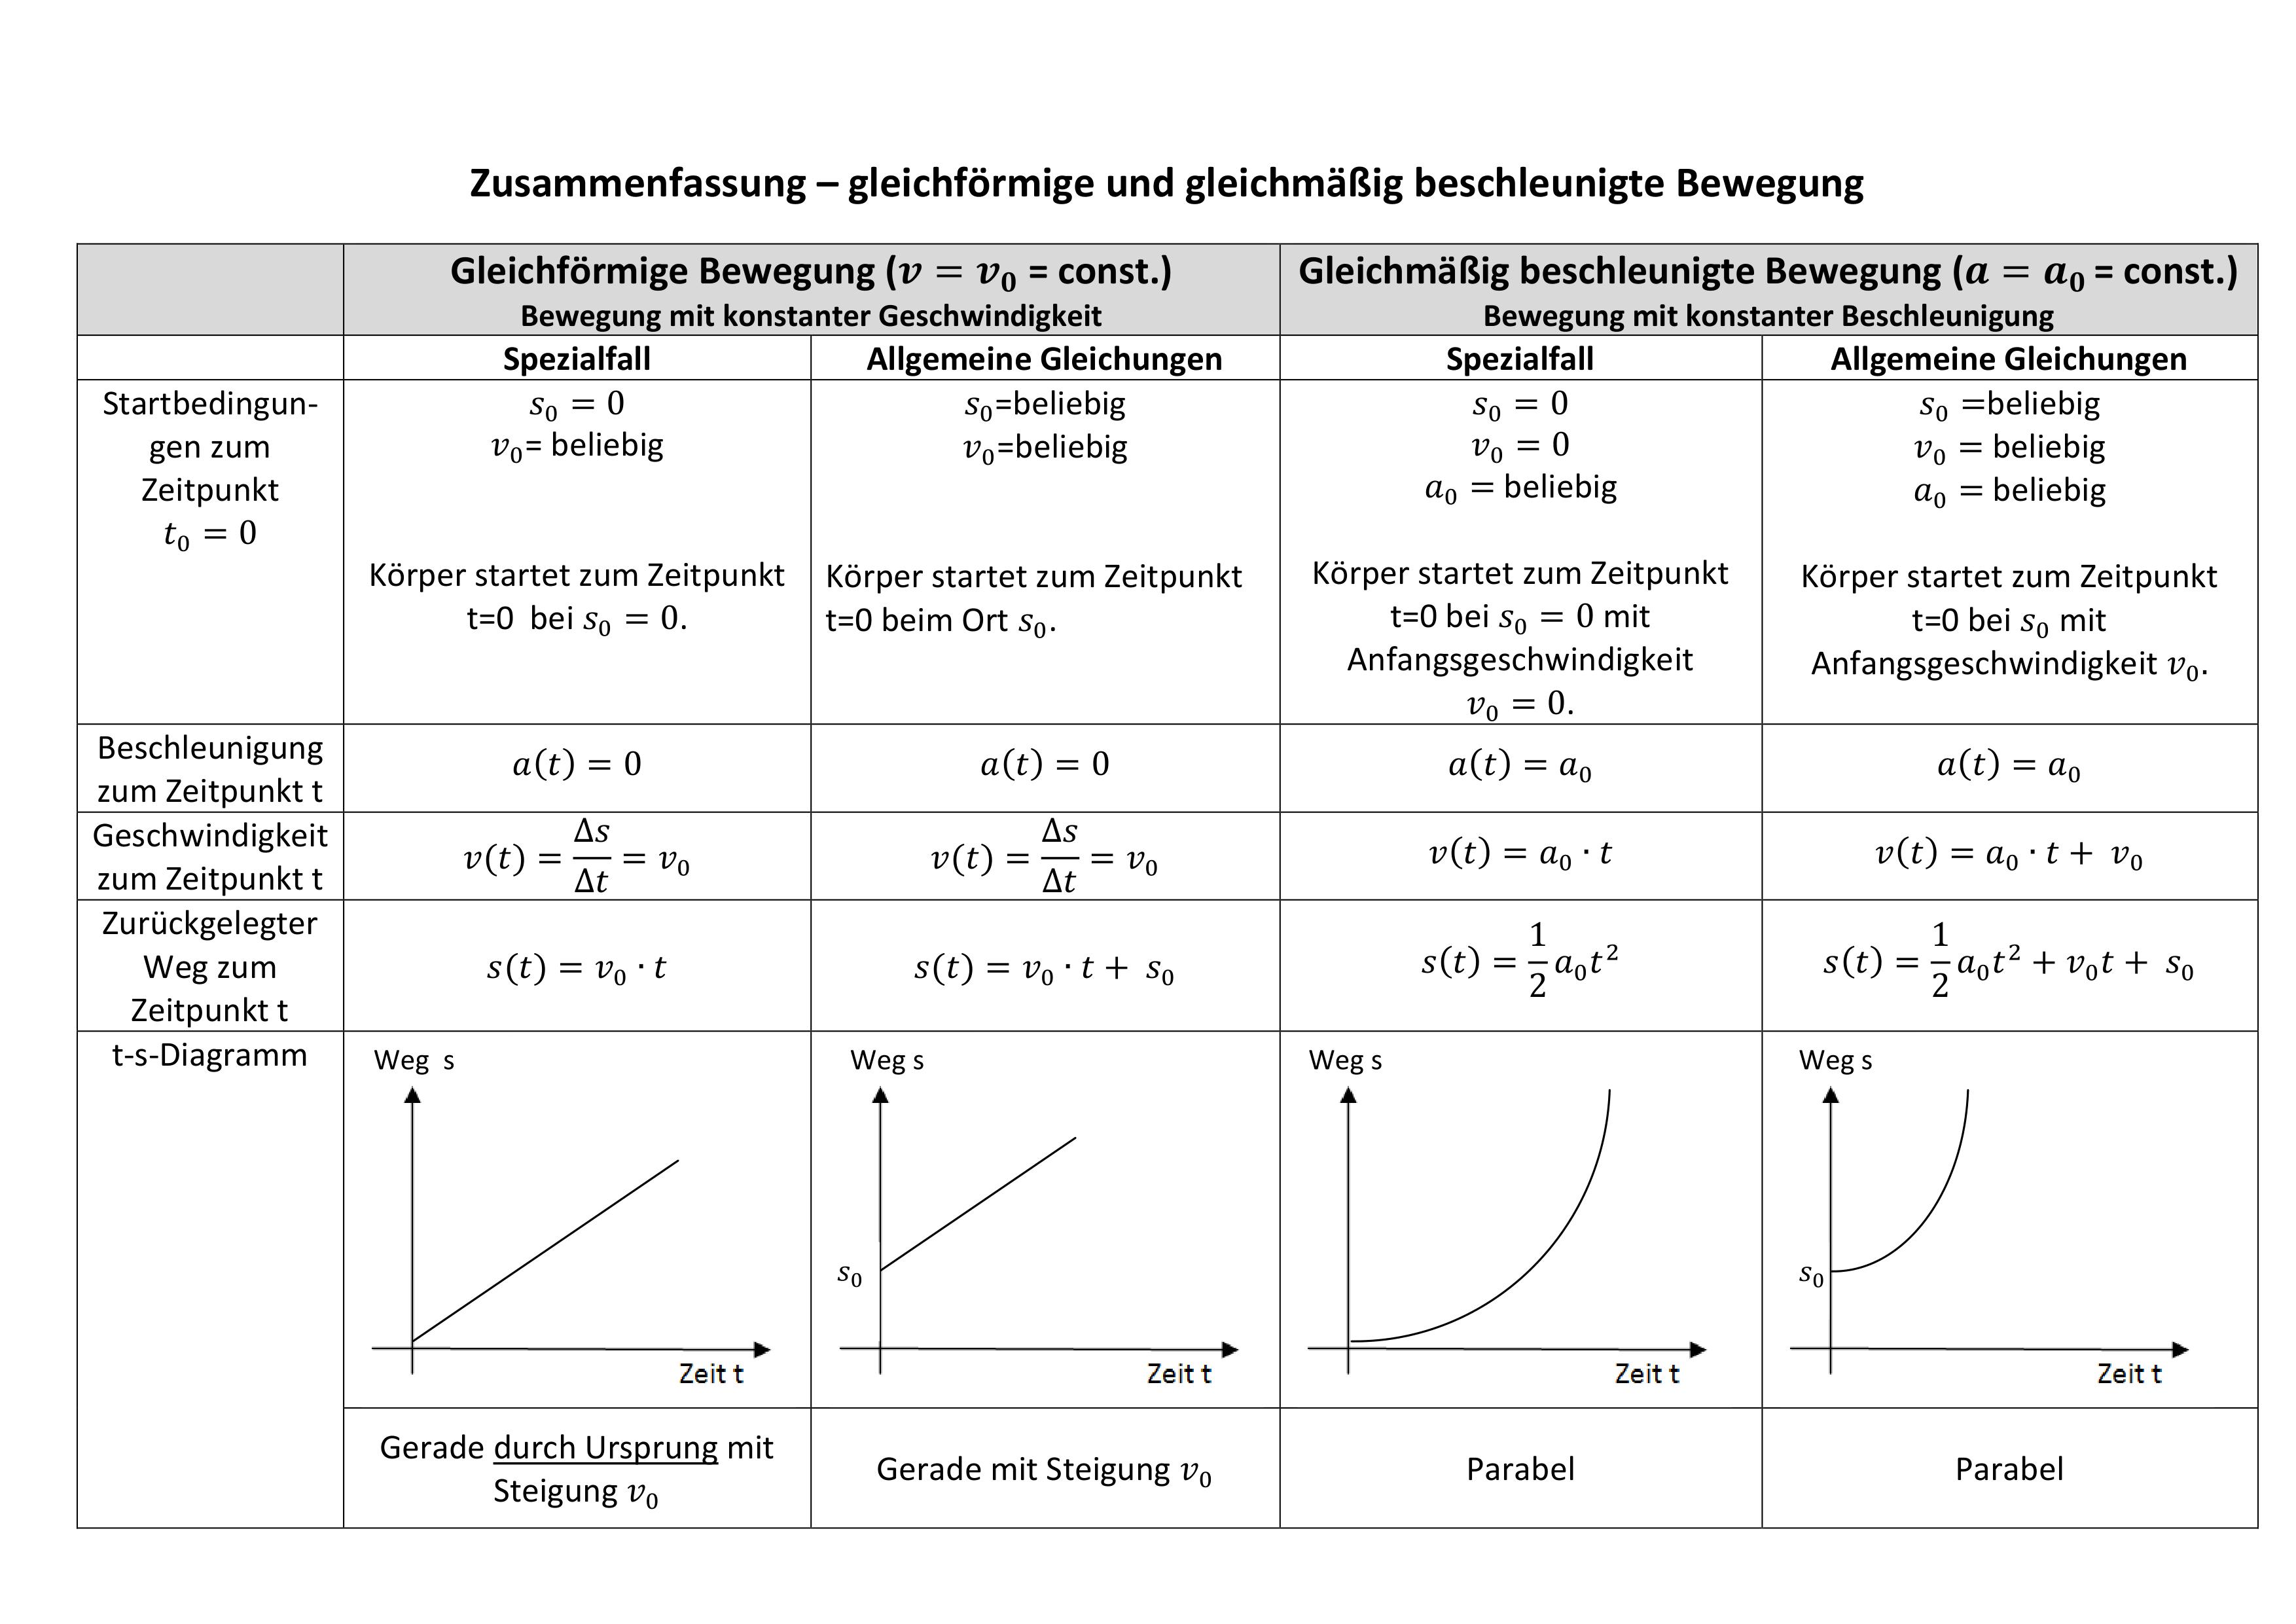 Ubersicht Gleichformige Und Gleichmassig Beschleunigte Bewegung Auch Als Puzzle Physik Lernen Mathematik Lernen Effektiv Lernen